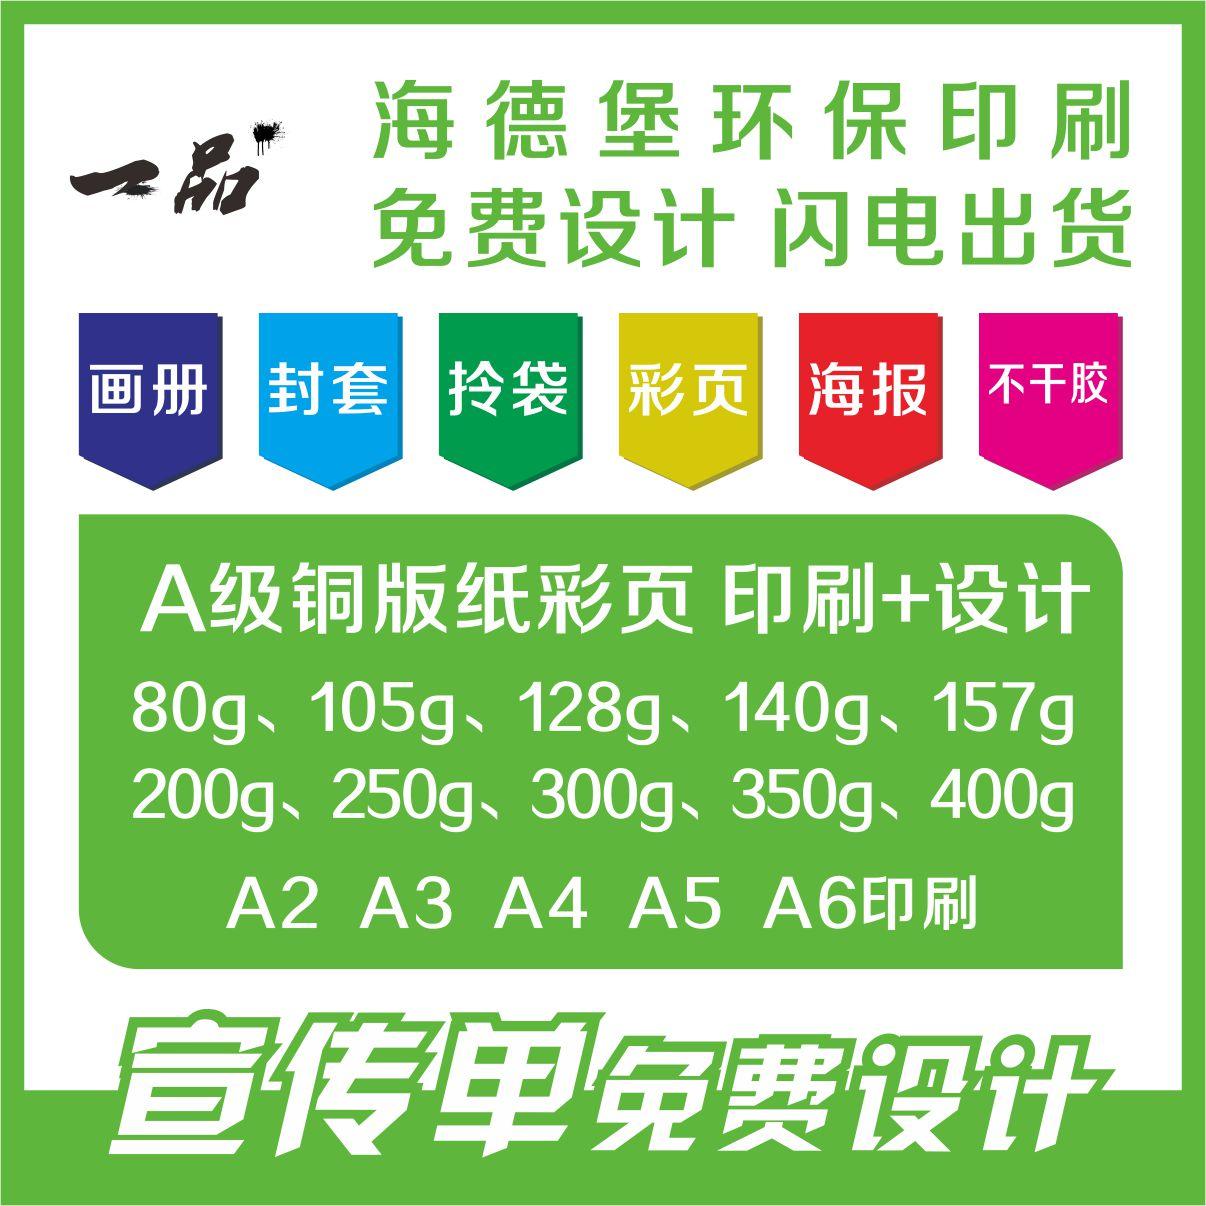 Услуги печати рекламной продукции / Копировальные услуги Артикул 43930699004